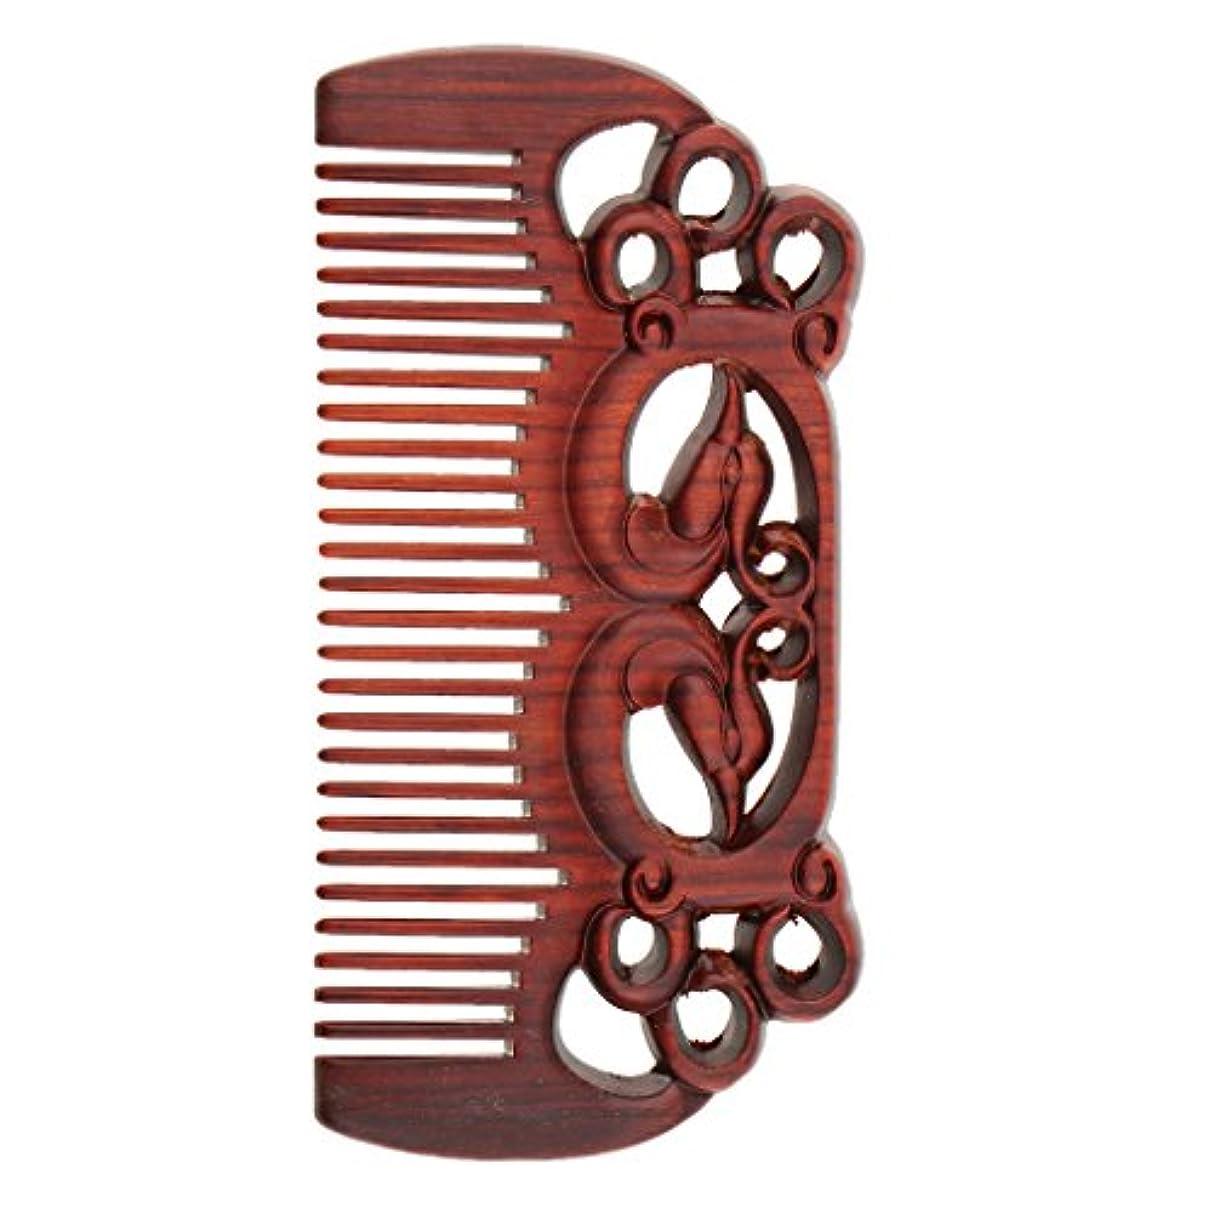 ロードされた誤って連続的Perfeclan ウッドコーム 天然木製 高品質 木製櫛 ワイド歯 ヘアブラシ ヘアスタイリング ヘアコーム 2タイプ選べる - #1